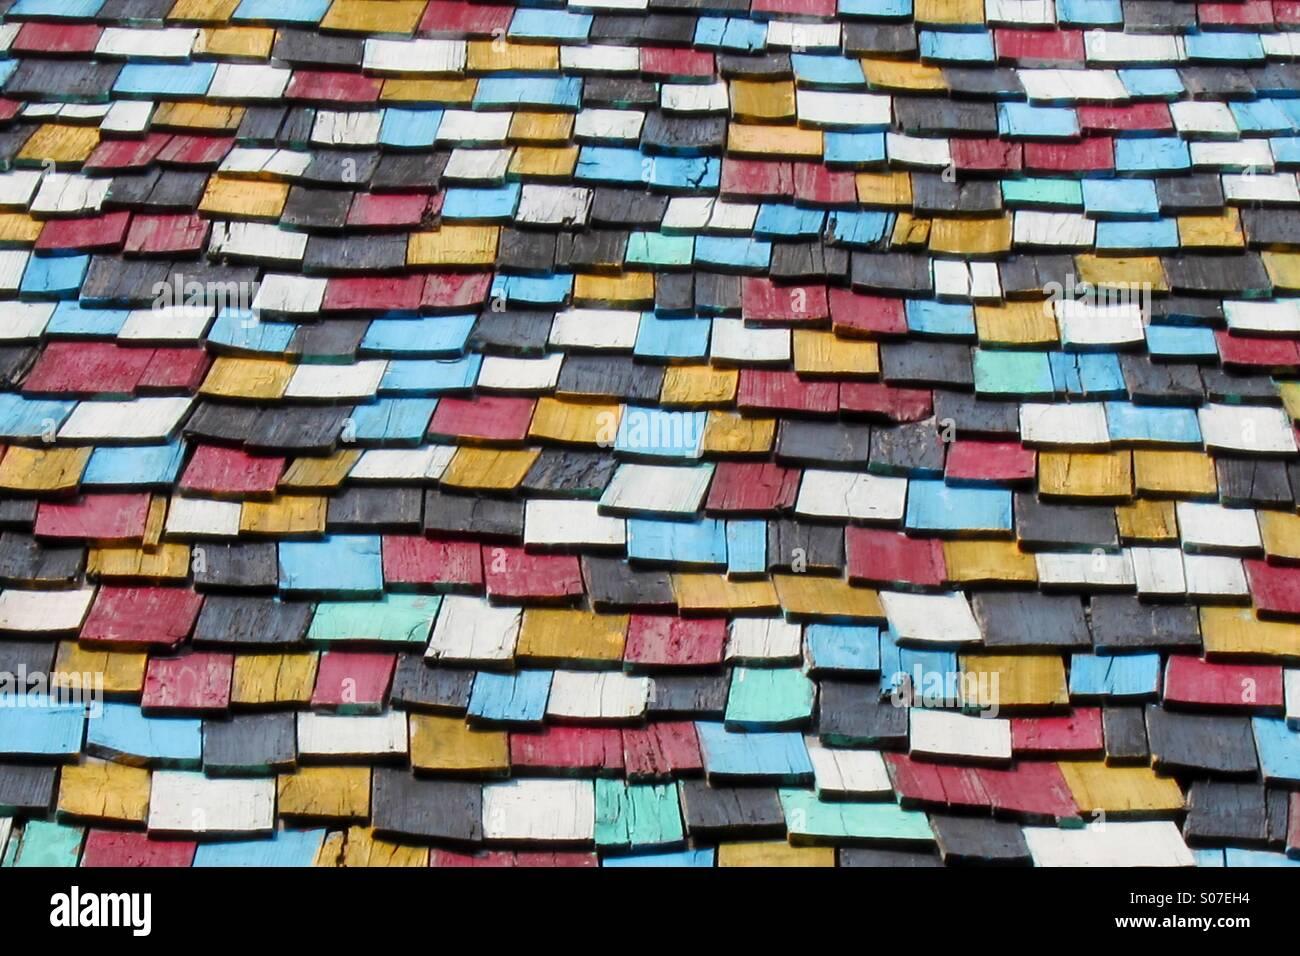 Bunte Holz Dachziegel Stockfoto, Bild: 309951744 - Alamy